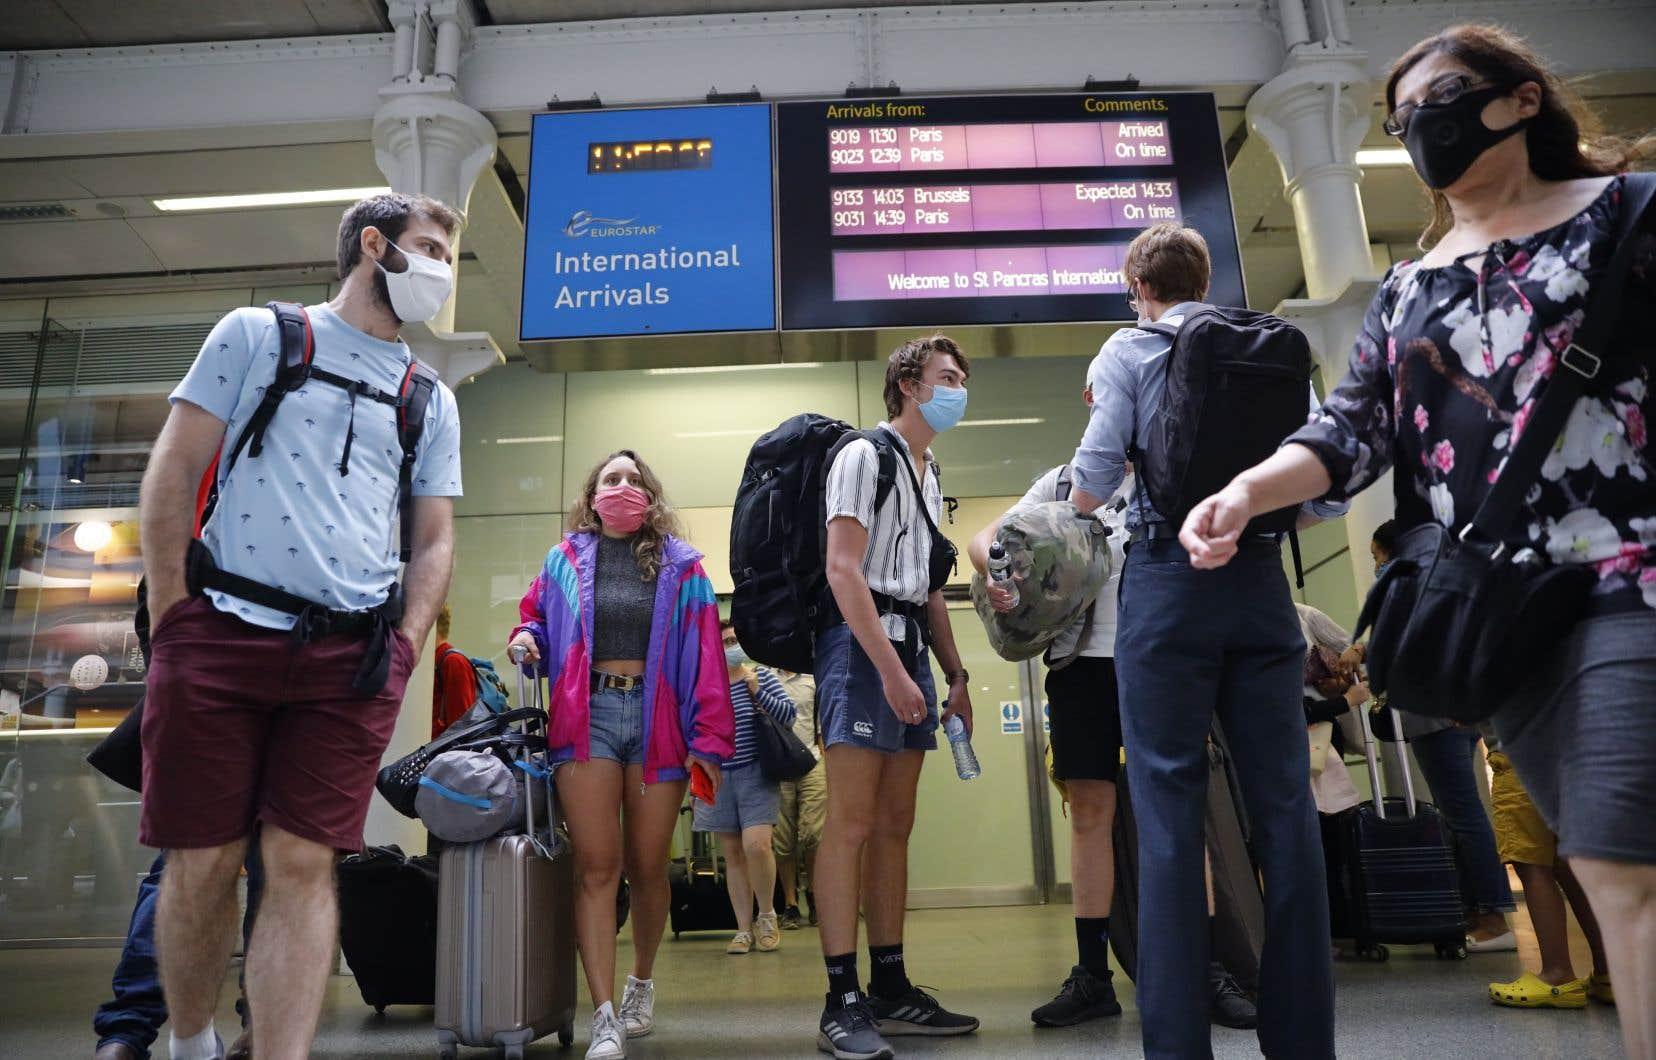 Vendredi, des centaines de personnes se sont ruées vers les stations de train pour rentrer au Royaume-Uni, qui a décidé d'imposer une quarantaine de deux semaines aux voyageurs en provenance de le France, des Pays-Bas et de Malte.